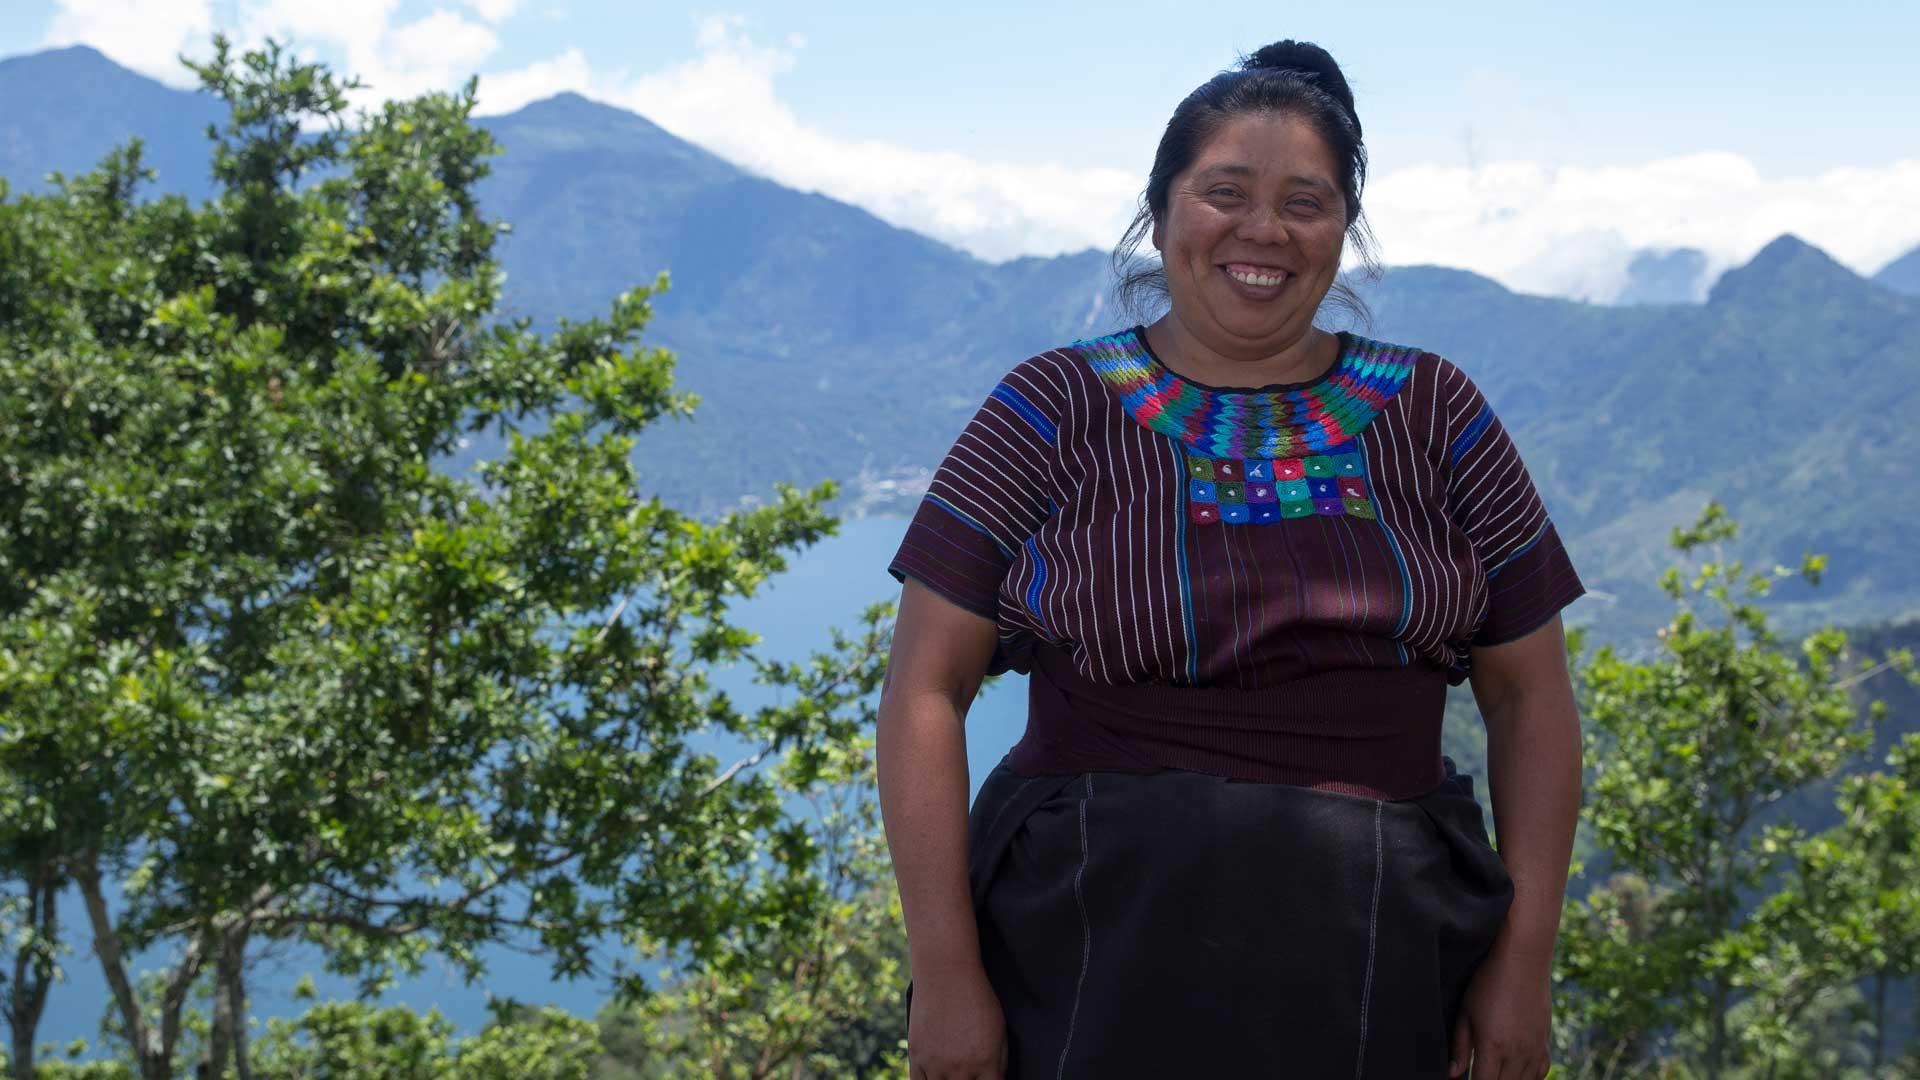 Juana tillverkar smycken åt Wakami i Guatemala